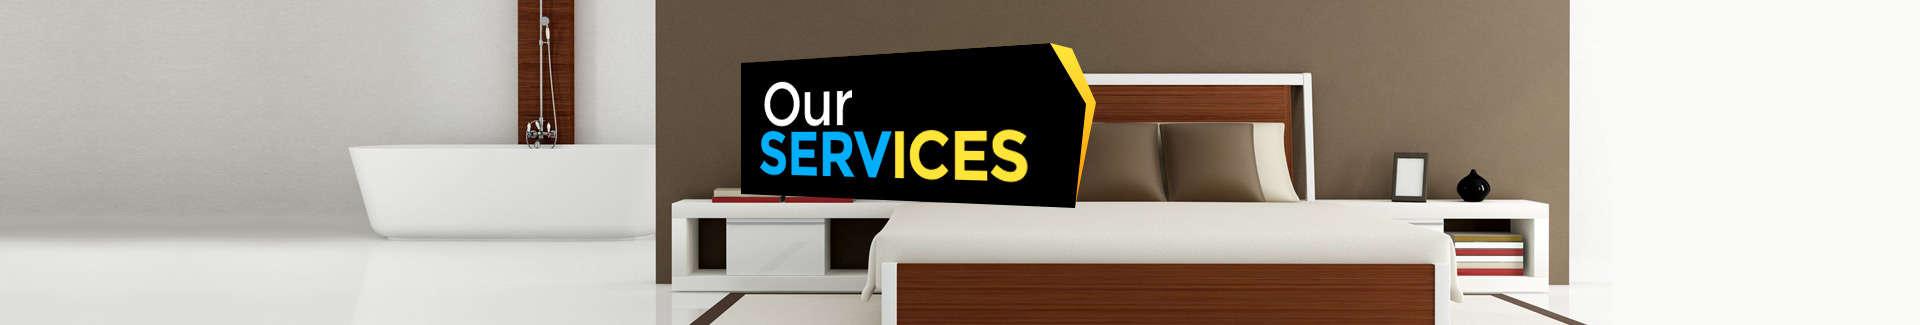 services-header-background